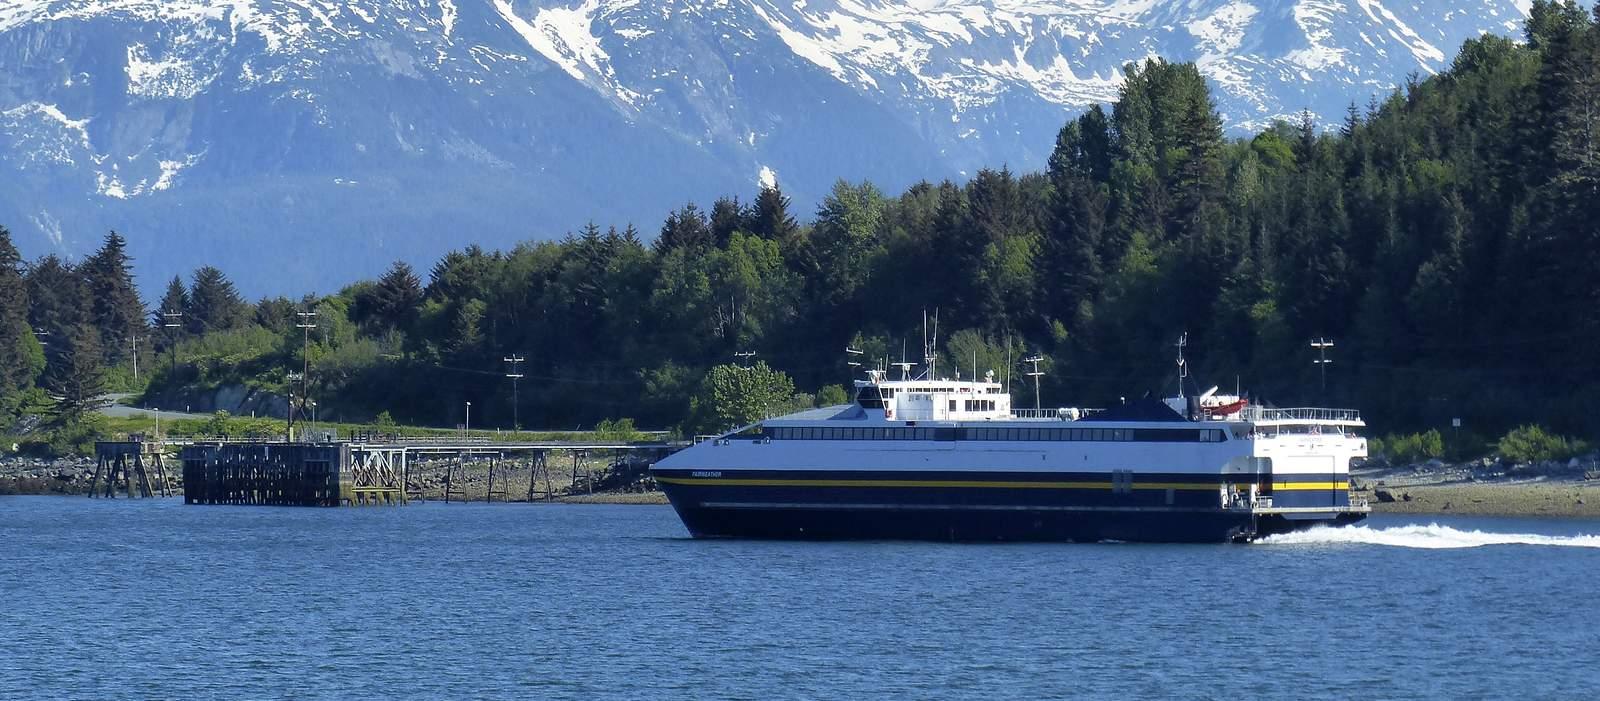 Fairweather Ak Ferry auf dem Weg von Skagway nach Haines, Alaska